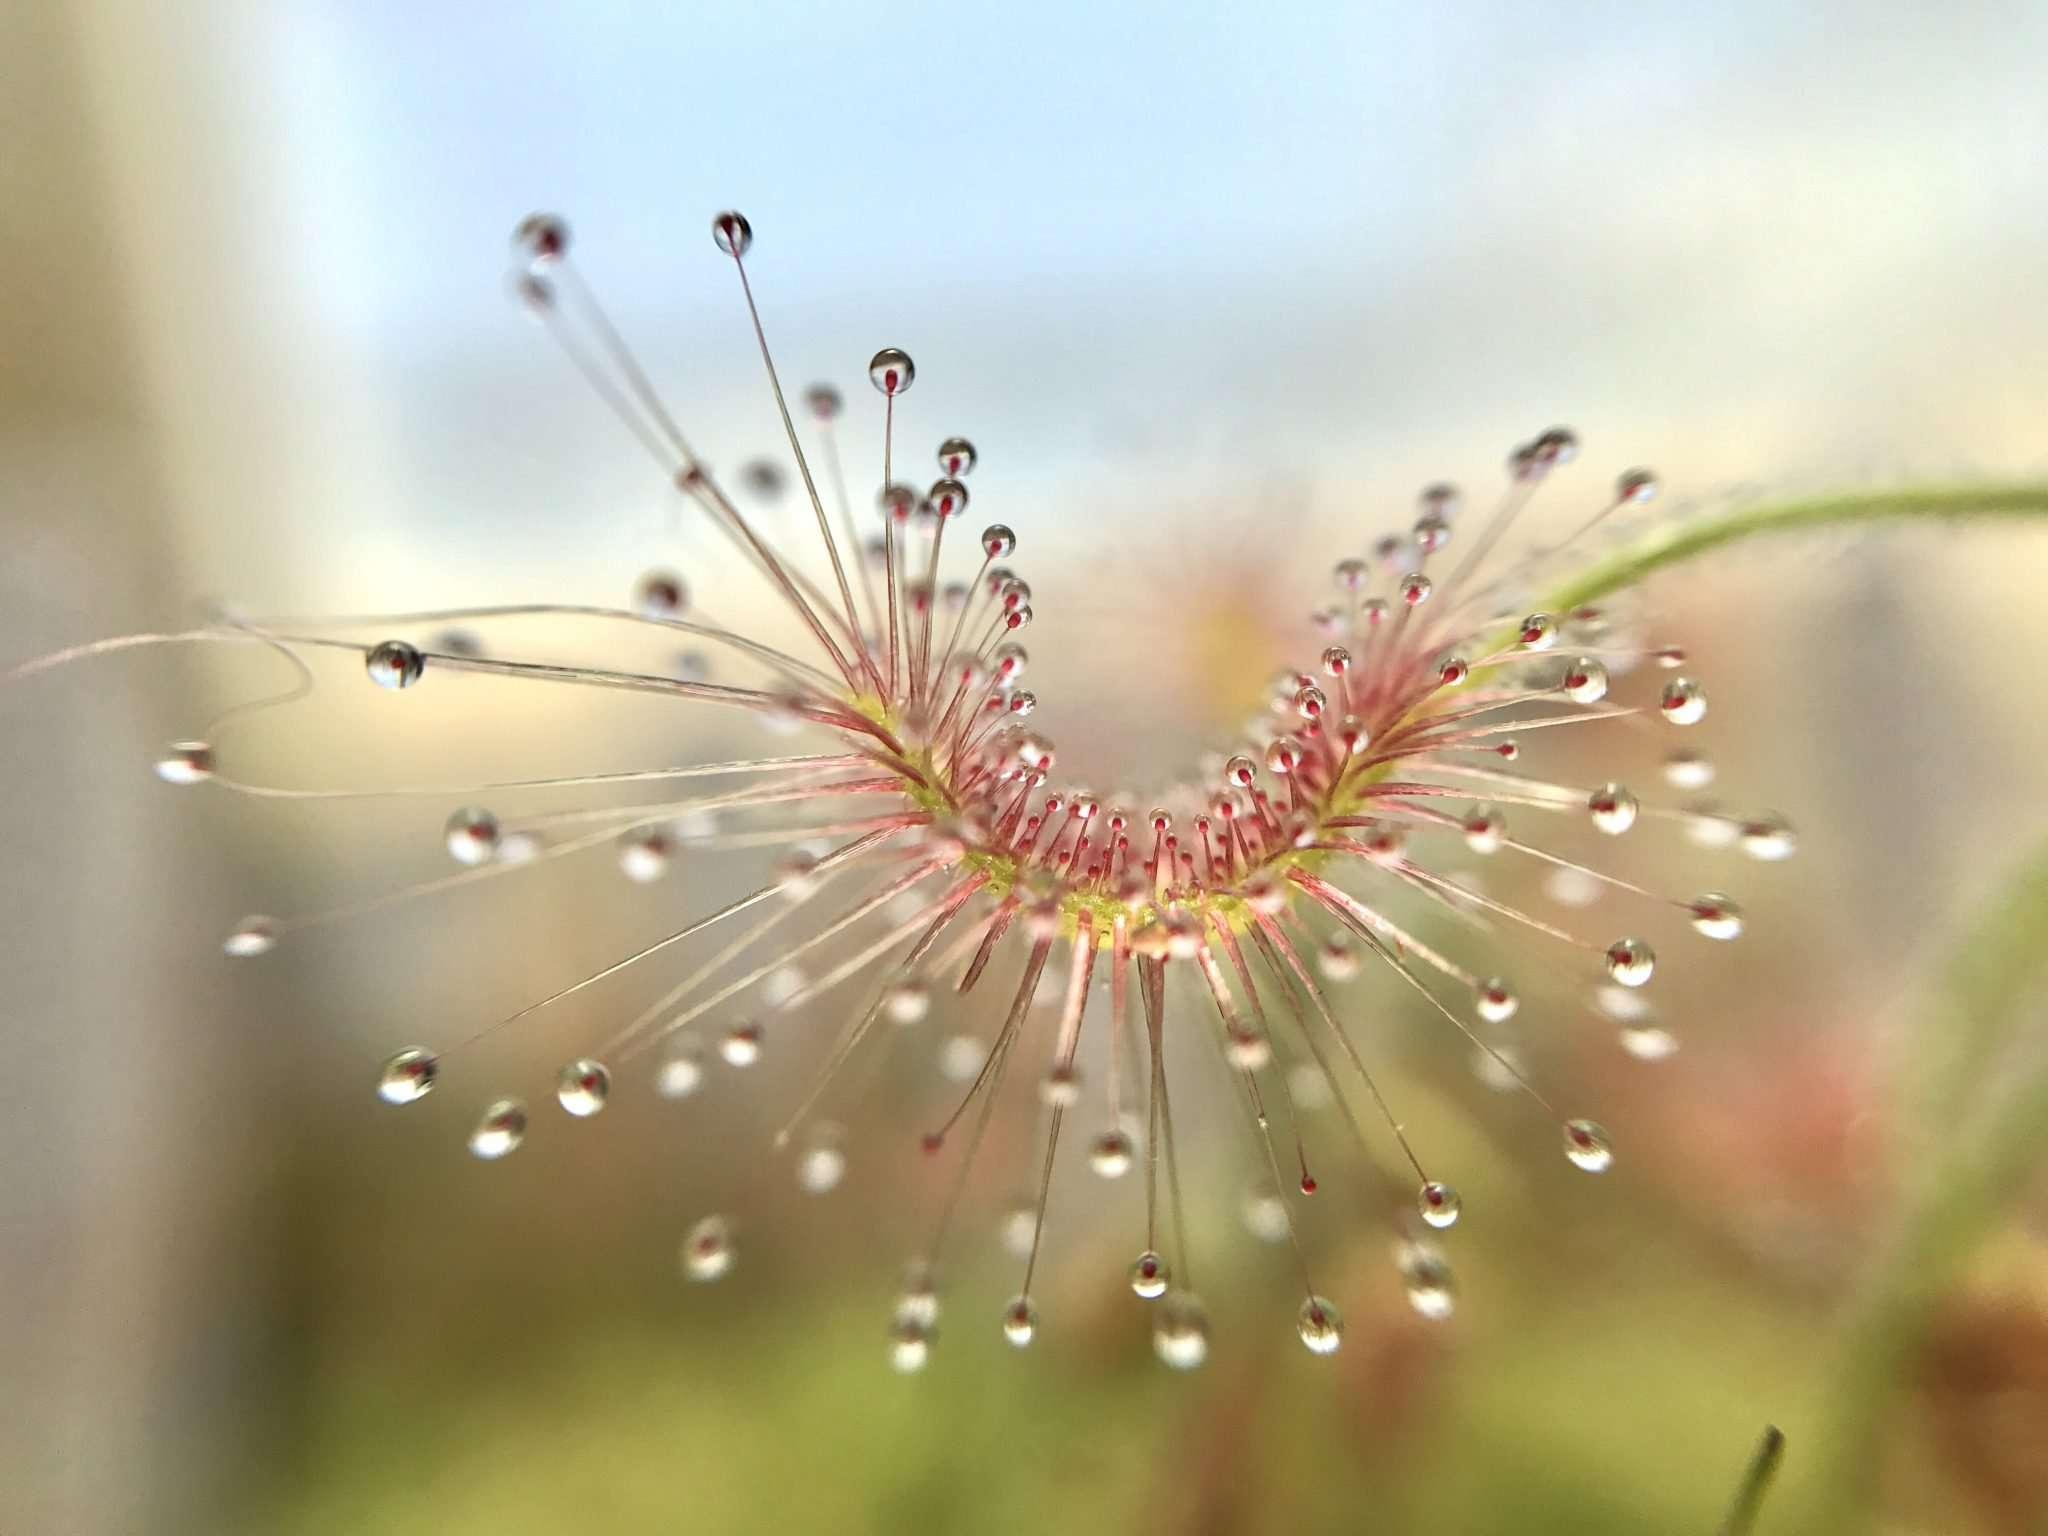 Drosera scorpioides leaf closeup